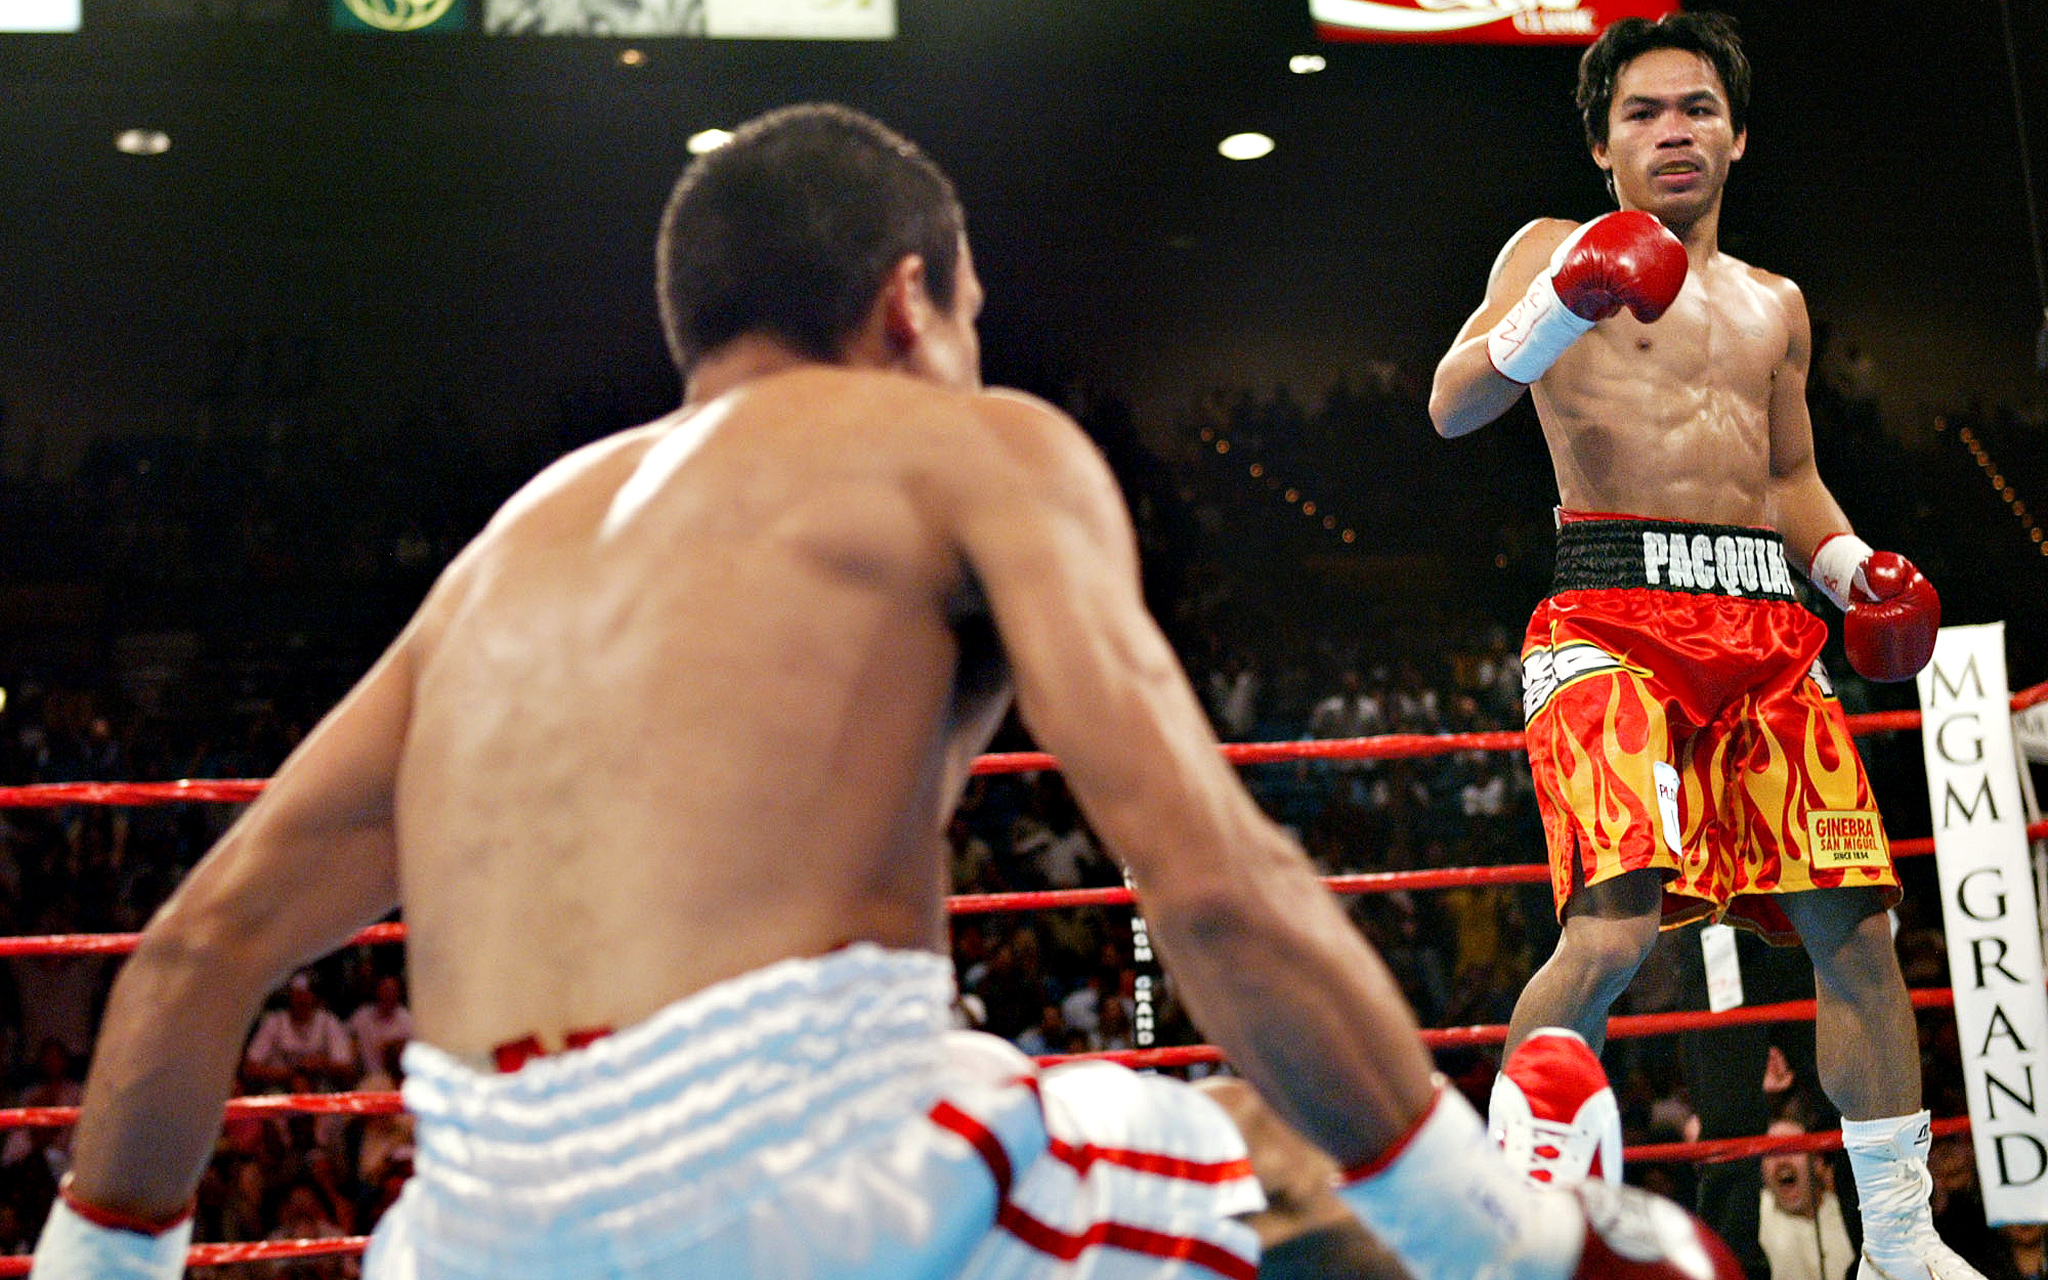 Pacquiao vs. Marquez I